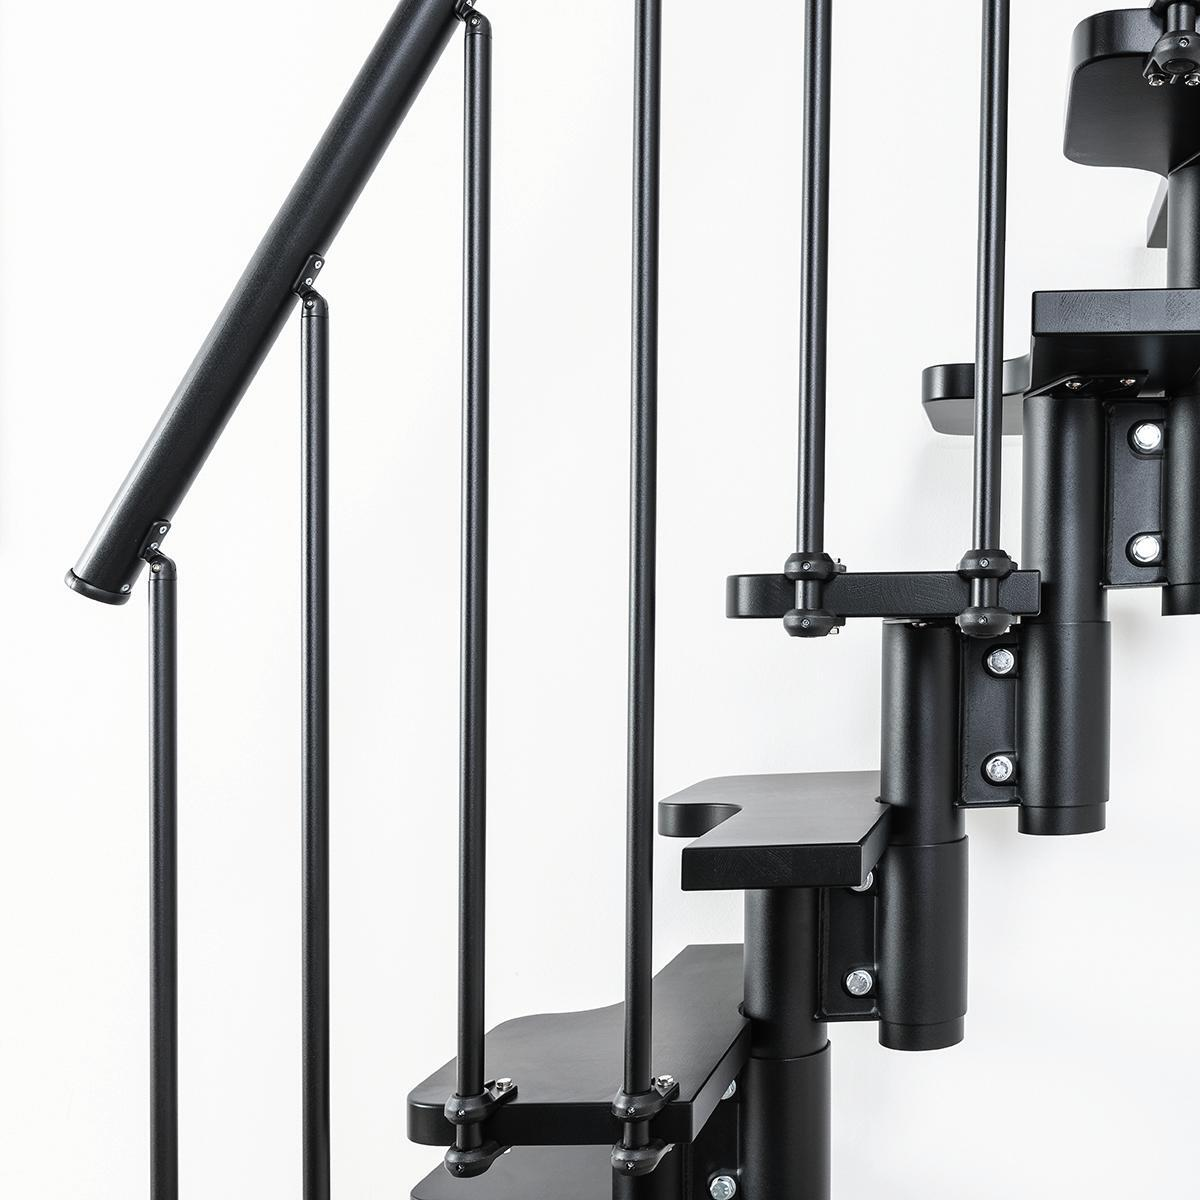 Scala salvaspazio dritto Lindy FONTANOT L 54 cm, gradino nero, struttura nero - 4